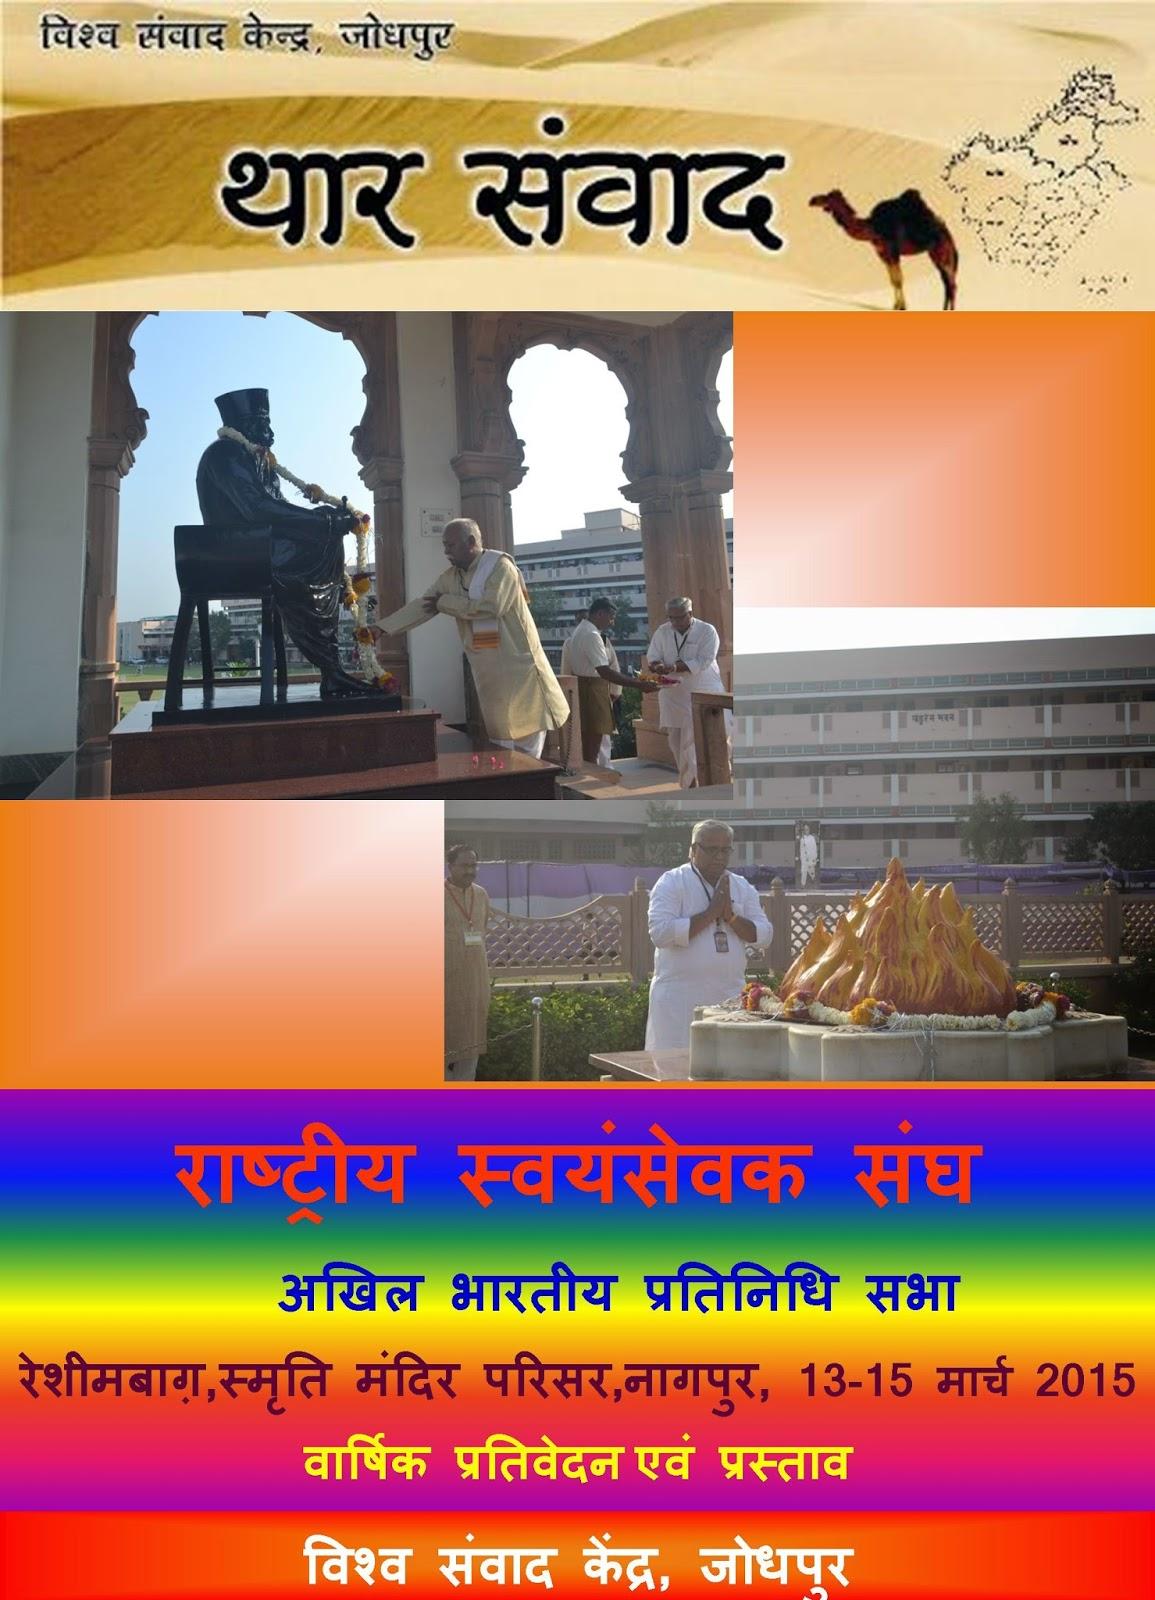 अखिल भारतीय प्रतिनिधि सभा में वार्षिक प्रतिवेदन तथा प्रस्ताव पुस्तक प्रारूप में